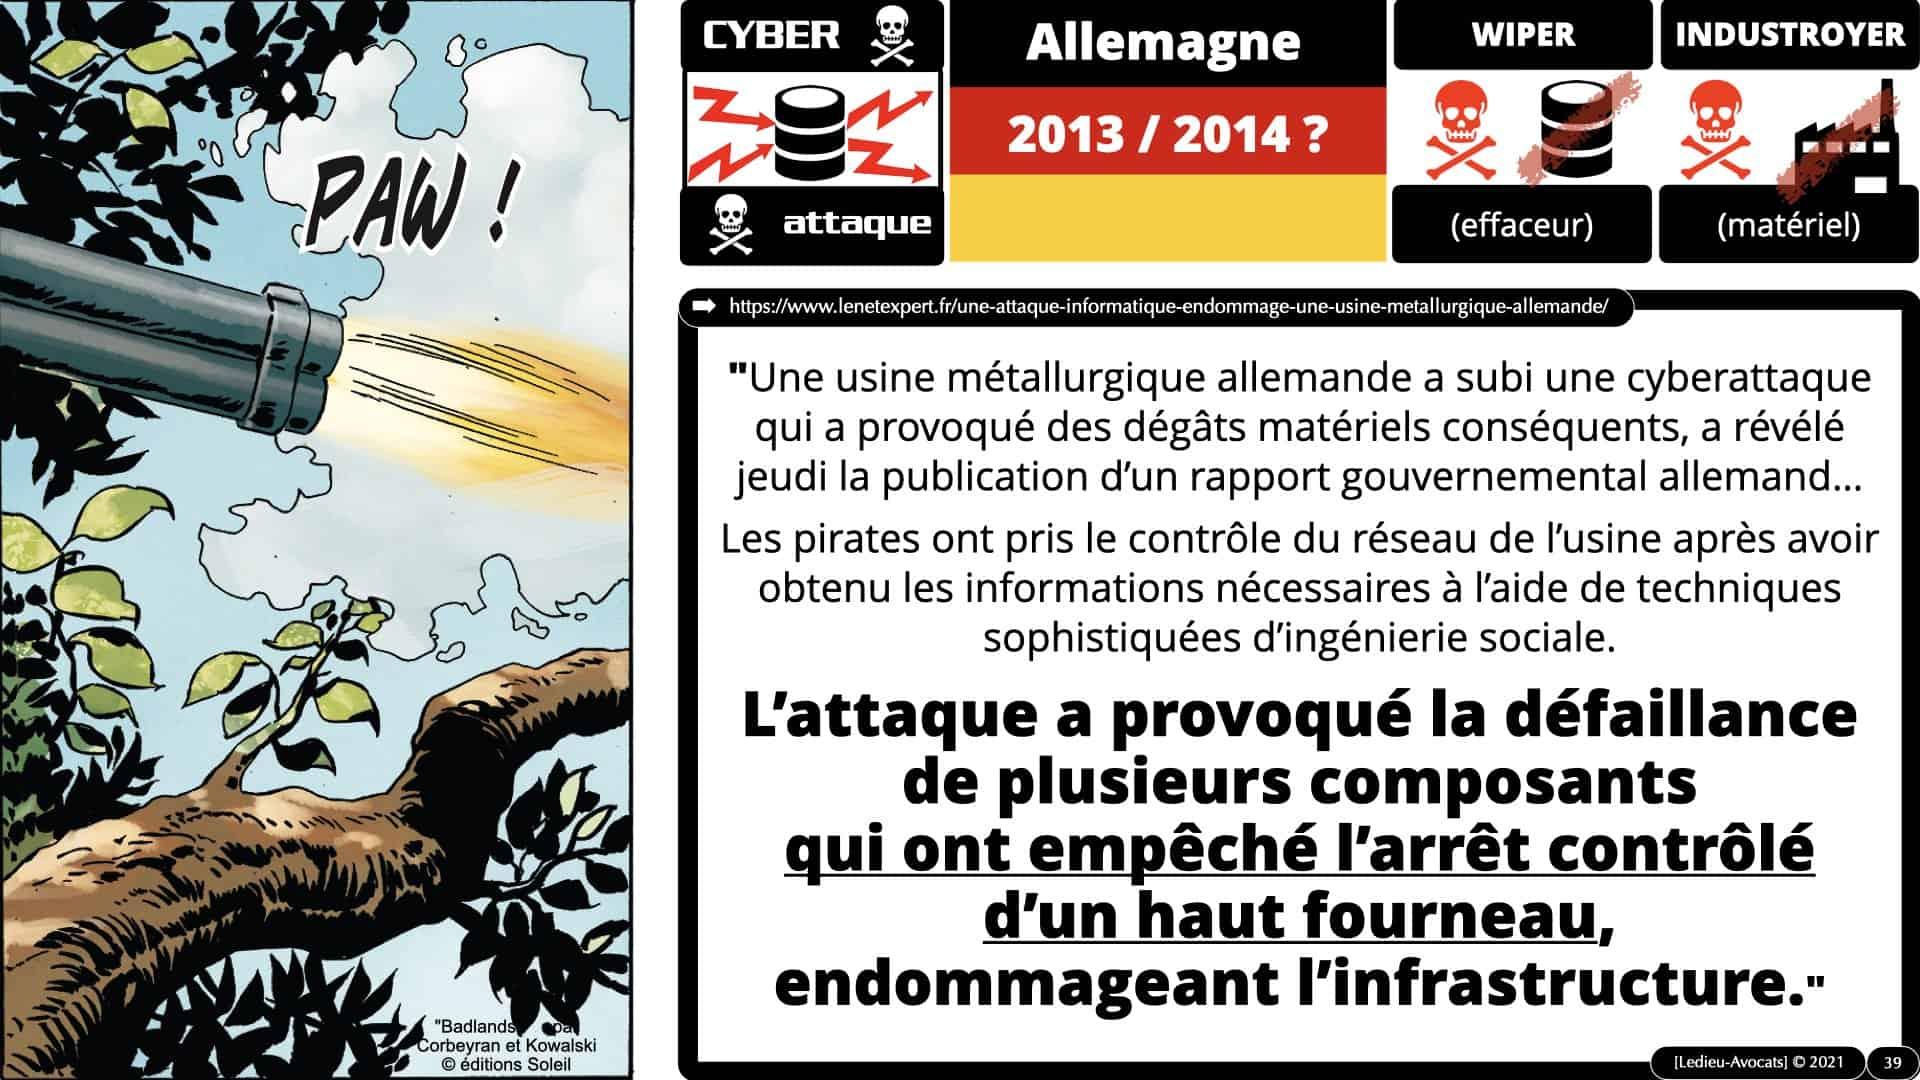 330 CYBER ATTAQUE © Ledieu-Avocats 09-03-2021.039